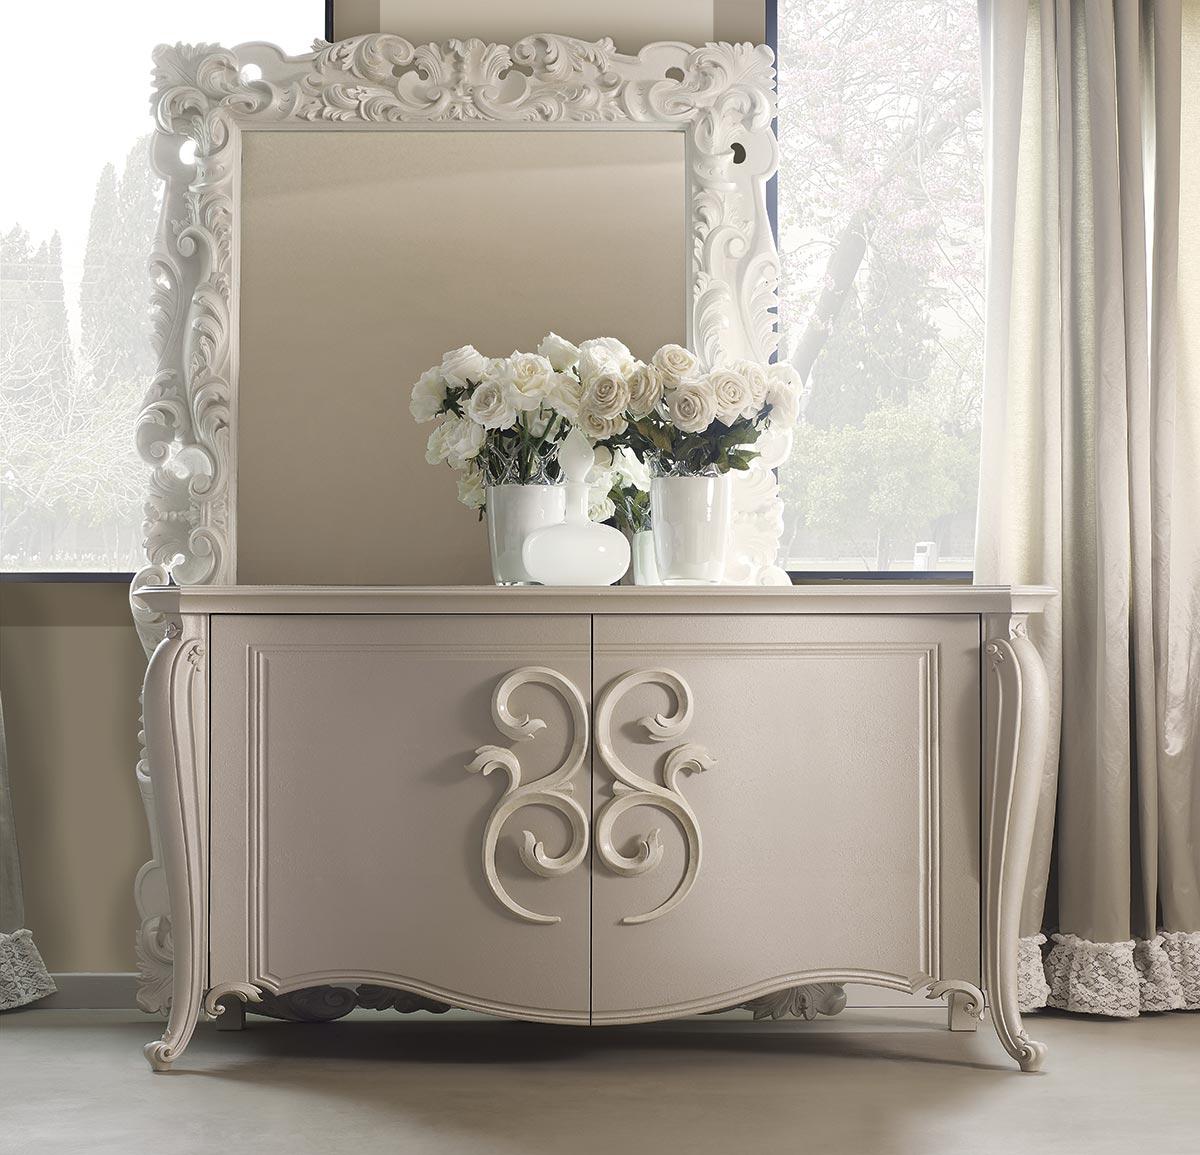 Credenze classiche per l 39 arredamento del soggiorno for Complementi di arredo soggiorno